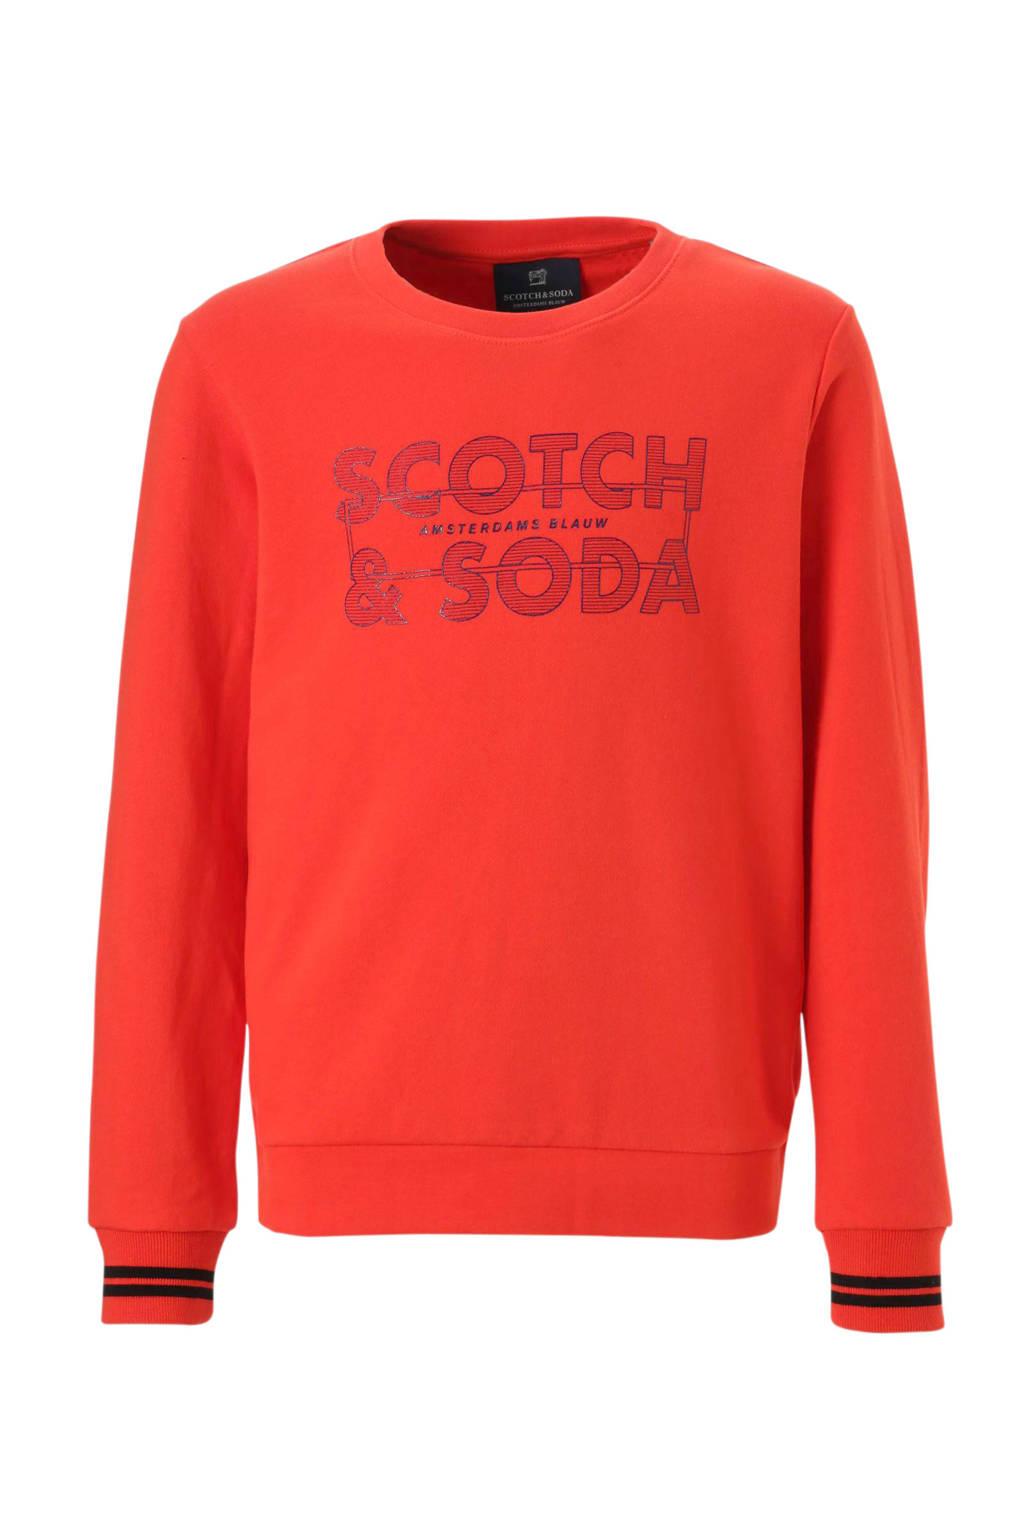 Scotch & Soda sweater oranje, Oranje